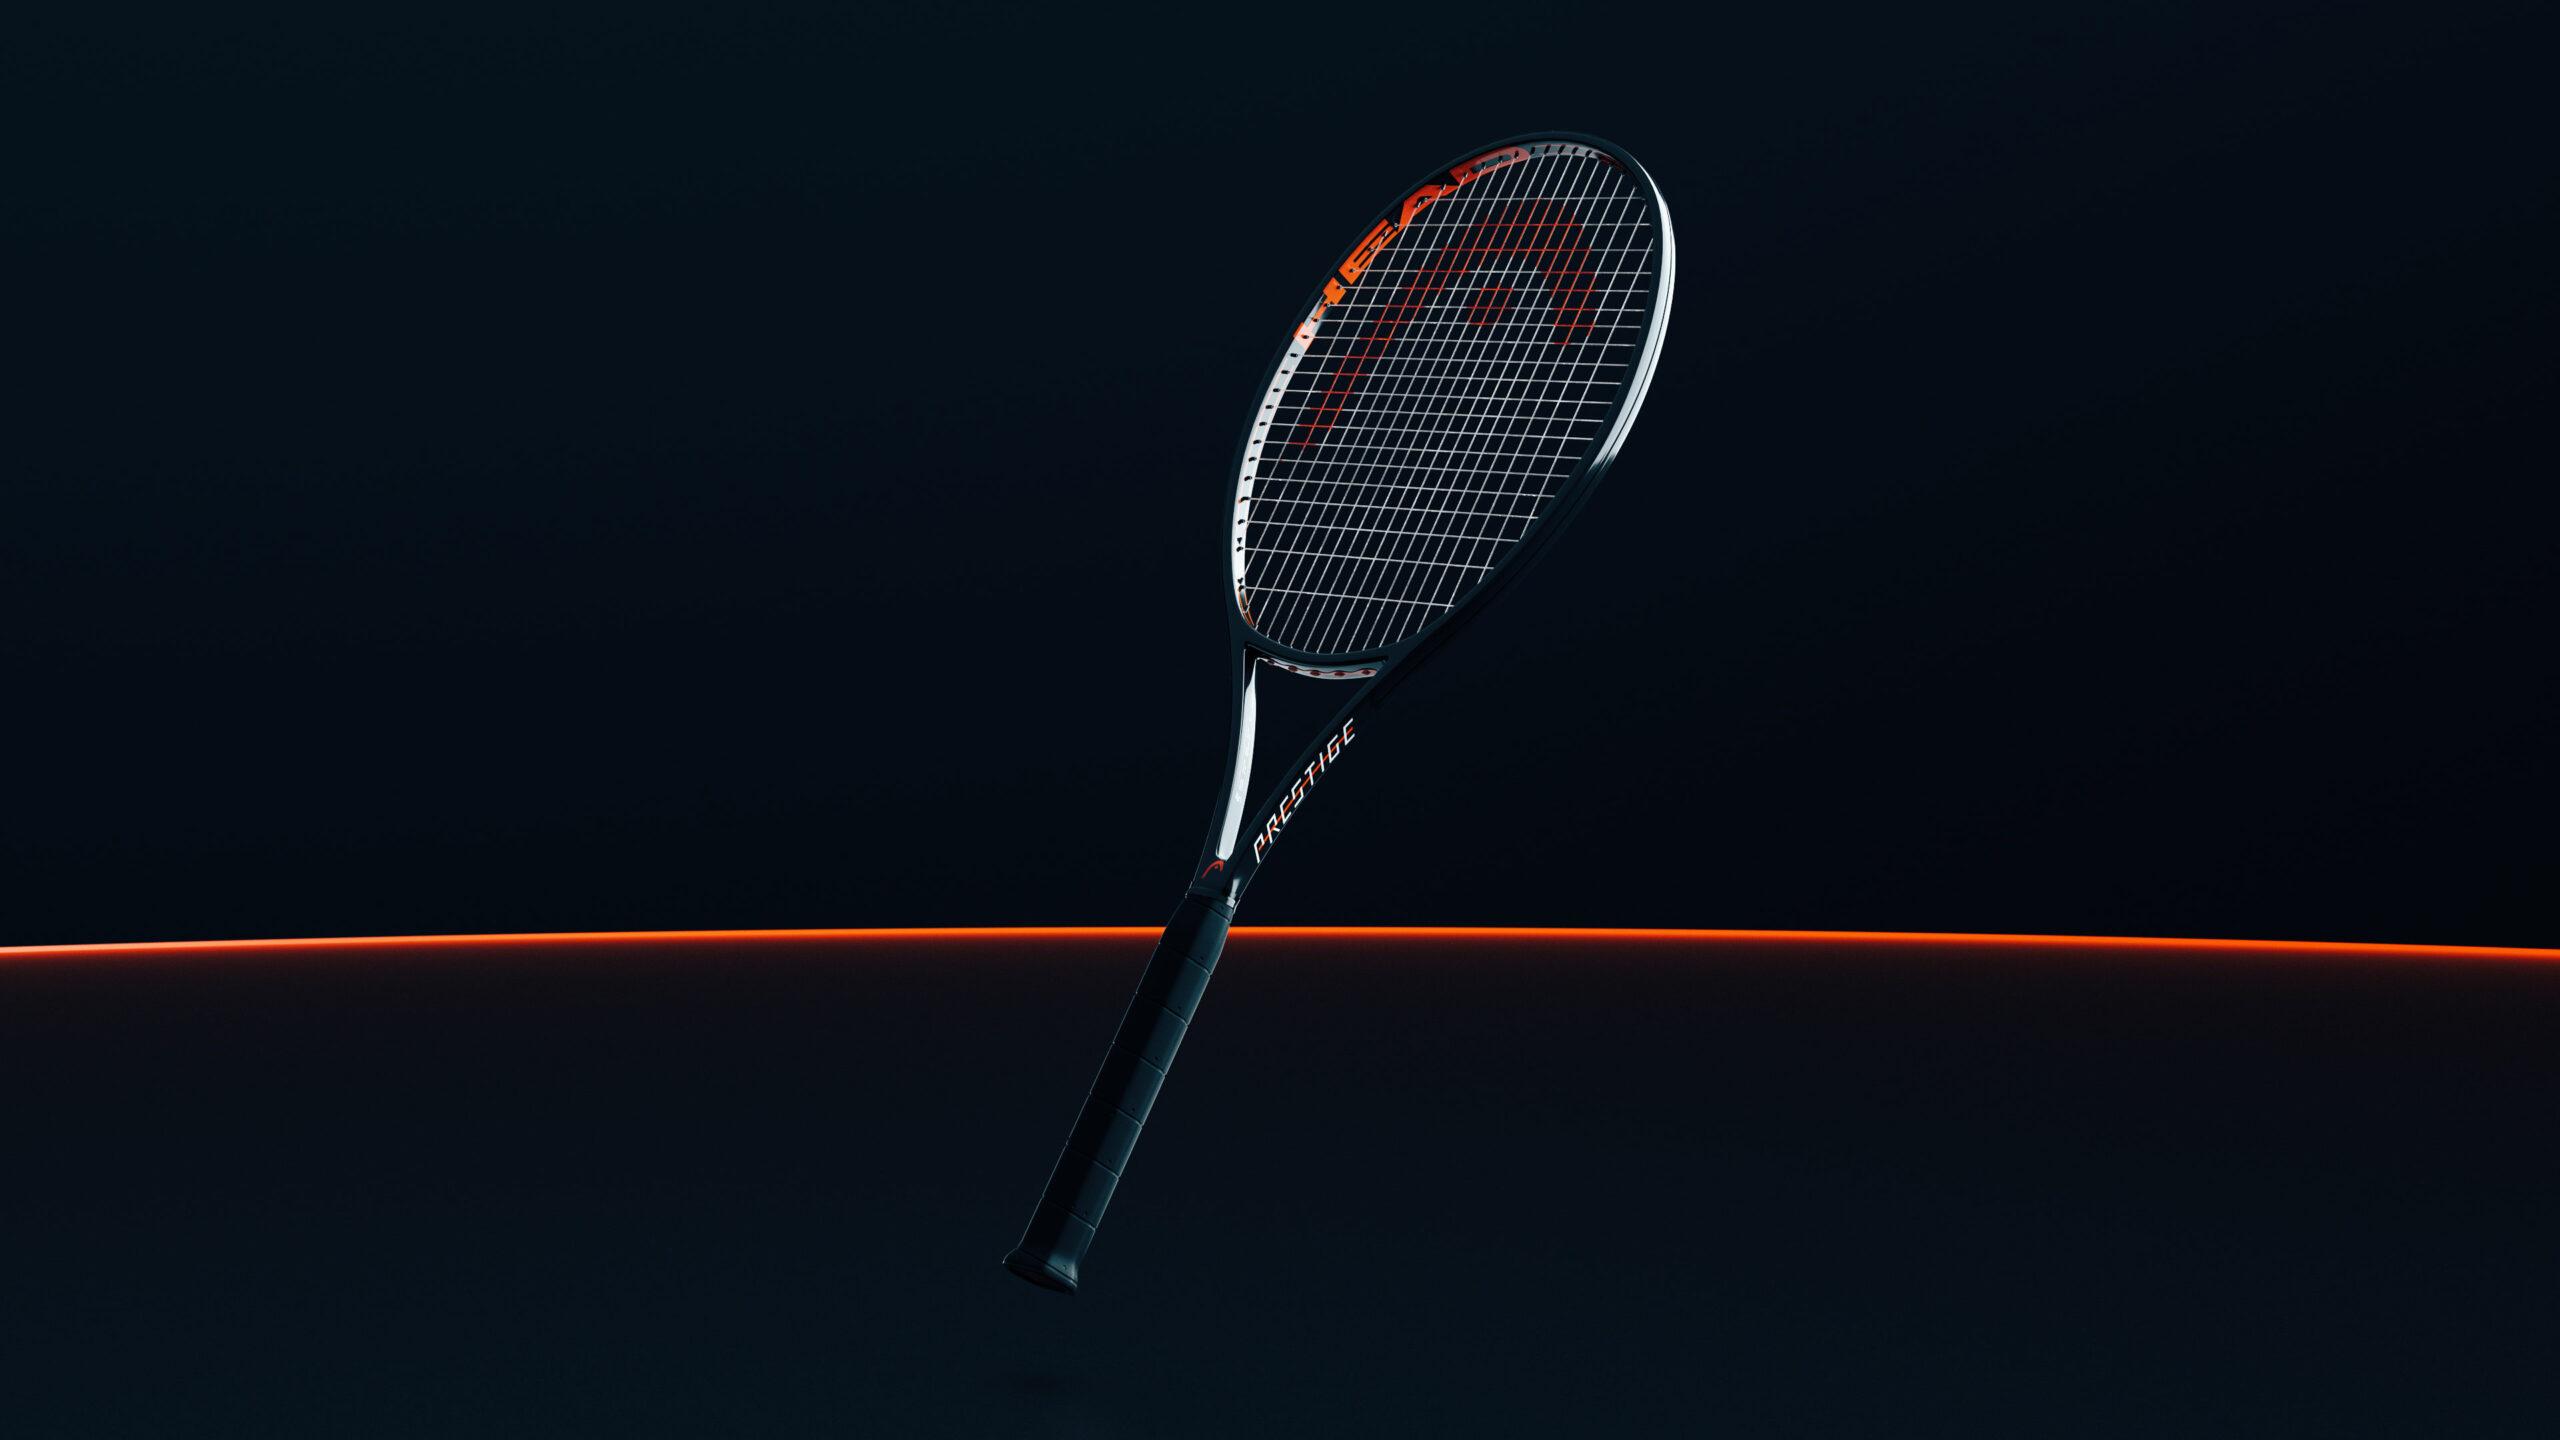 Tennis, Animation, Schläger